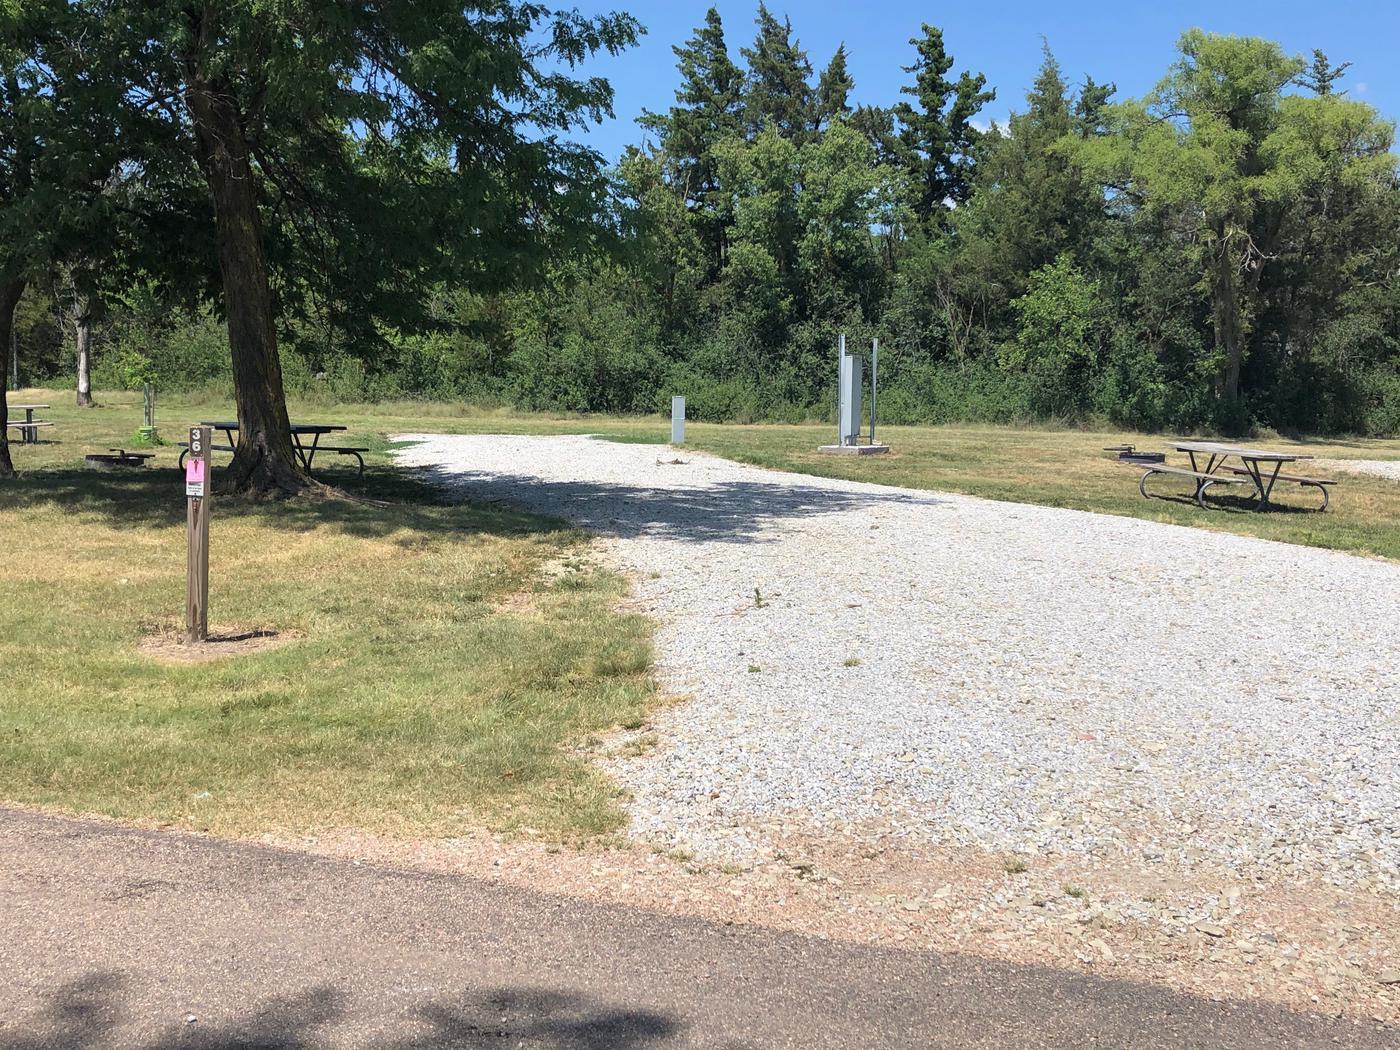 Campsite Site 36